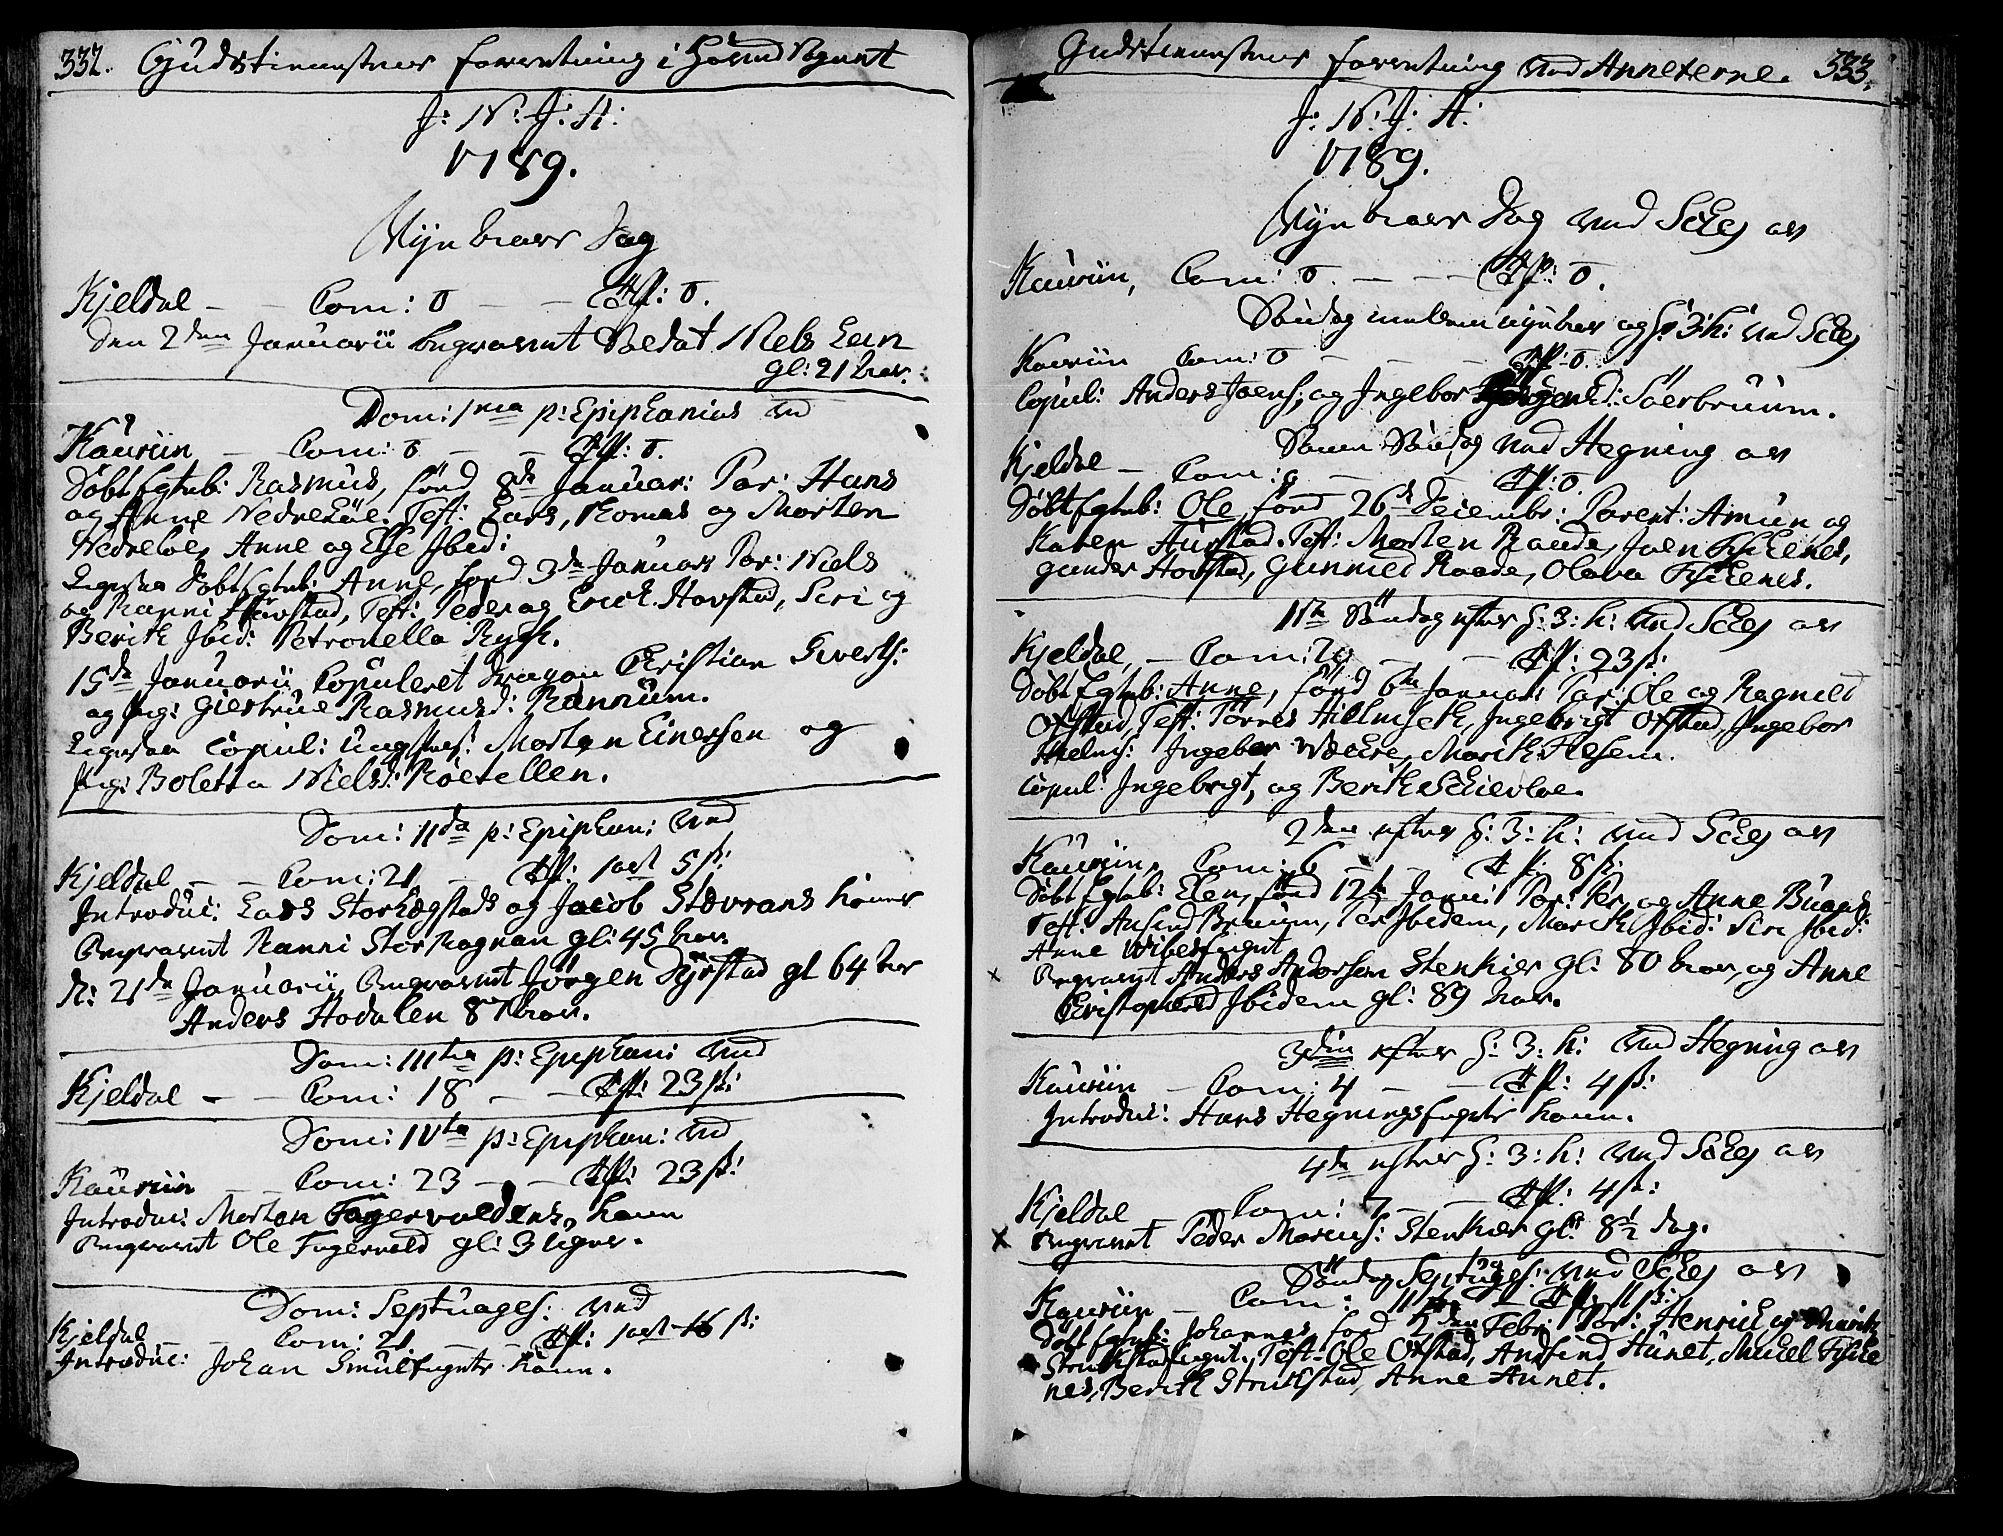 SAT, Ministerialprotokoller, klokkerbøker og fødselsregistre - Nord-Trøndelag, 735/L0331: Ministerialbok nr. 735A02, 1762-1794, s. 332-333